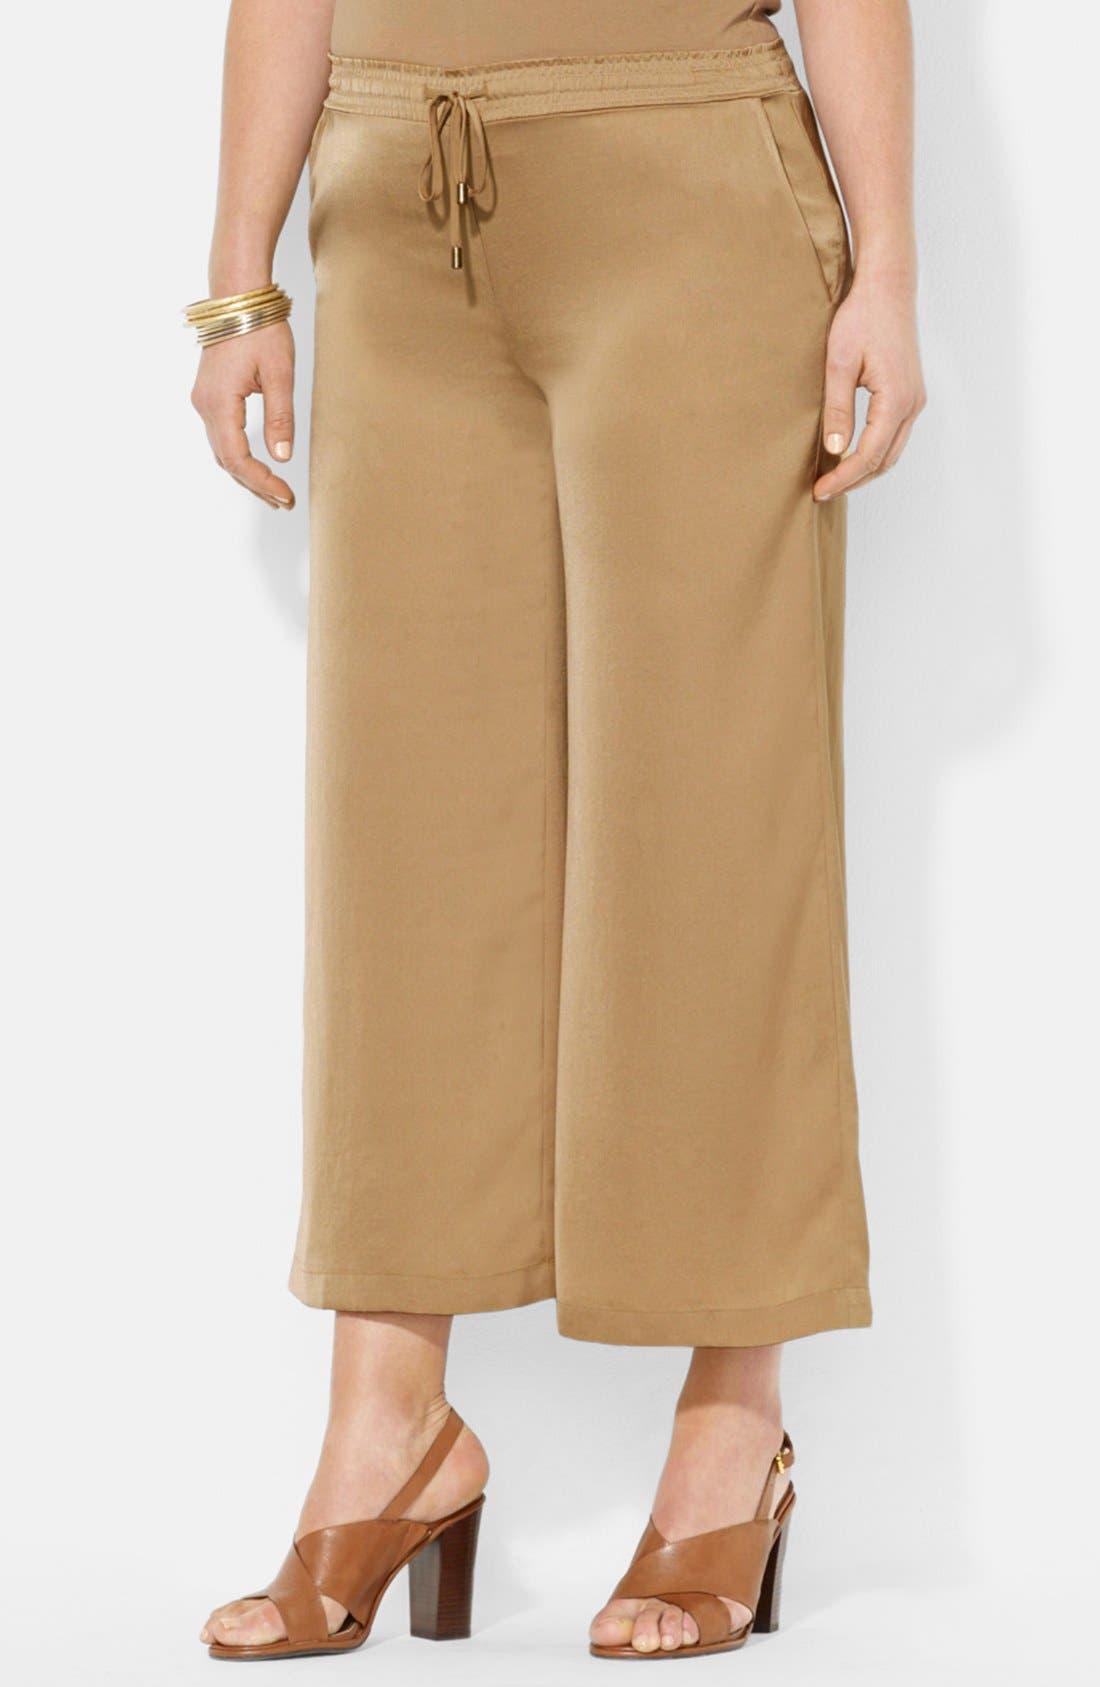 Alternate Image 1 Selected - Lauren Ralph Lauren Wide Leg Crop Pants (Plus Size)